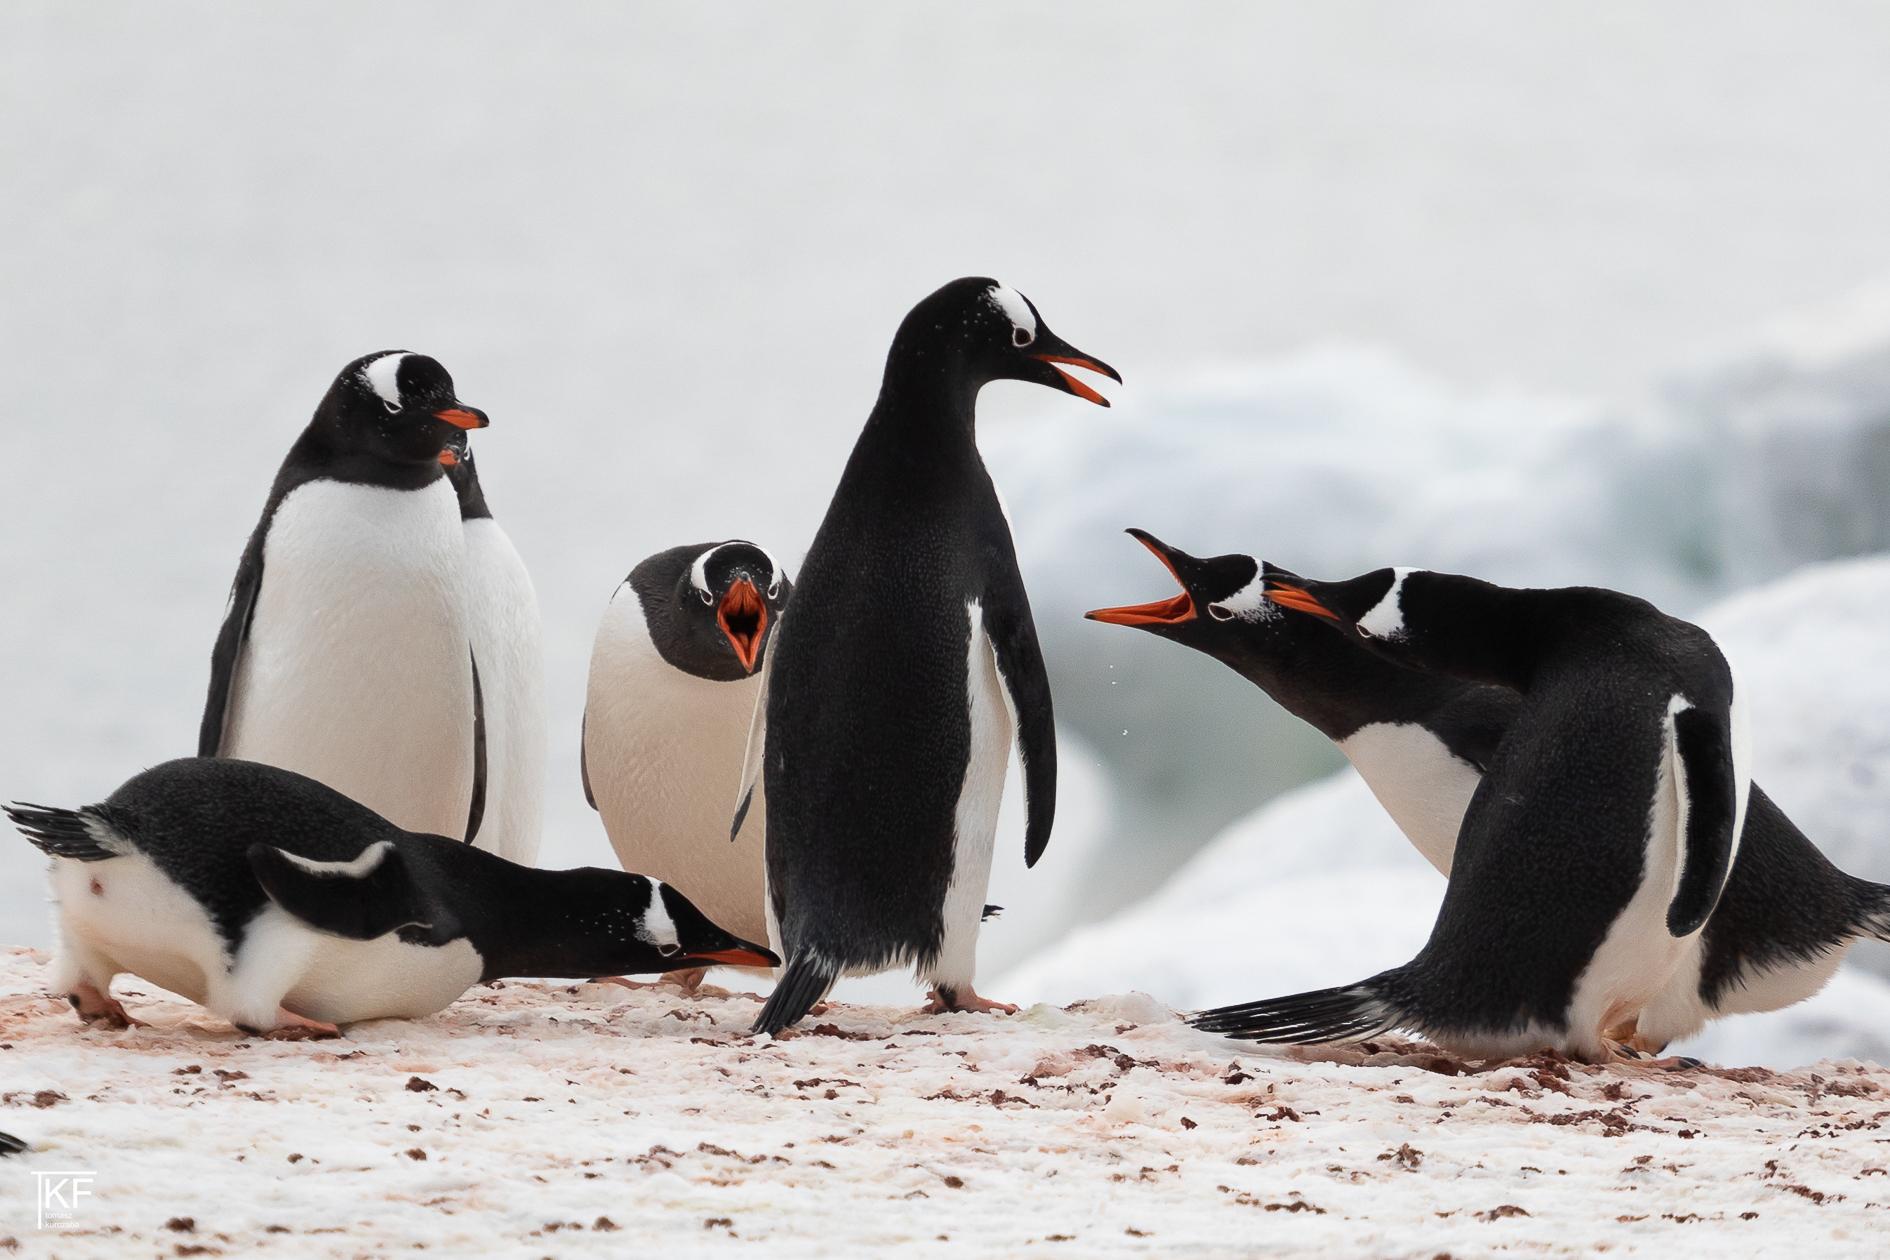 Na zdjęciu 6 pingwinów. 3 z nich mają otwarte dzioby. Autor Tomasz Kurczaba.